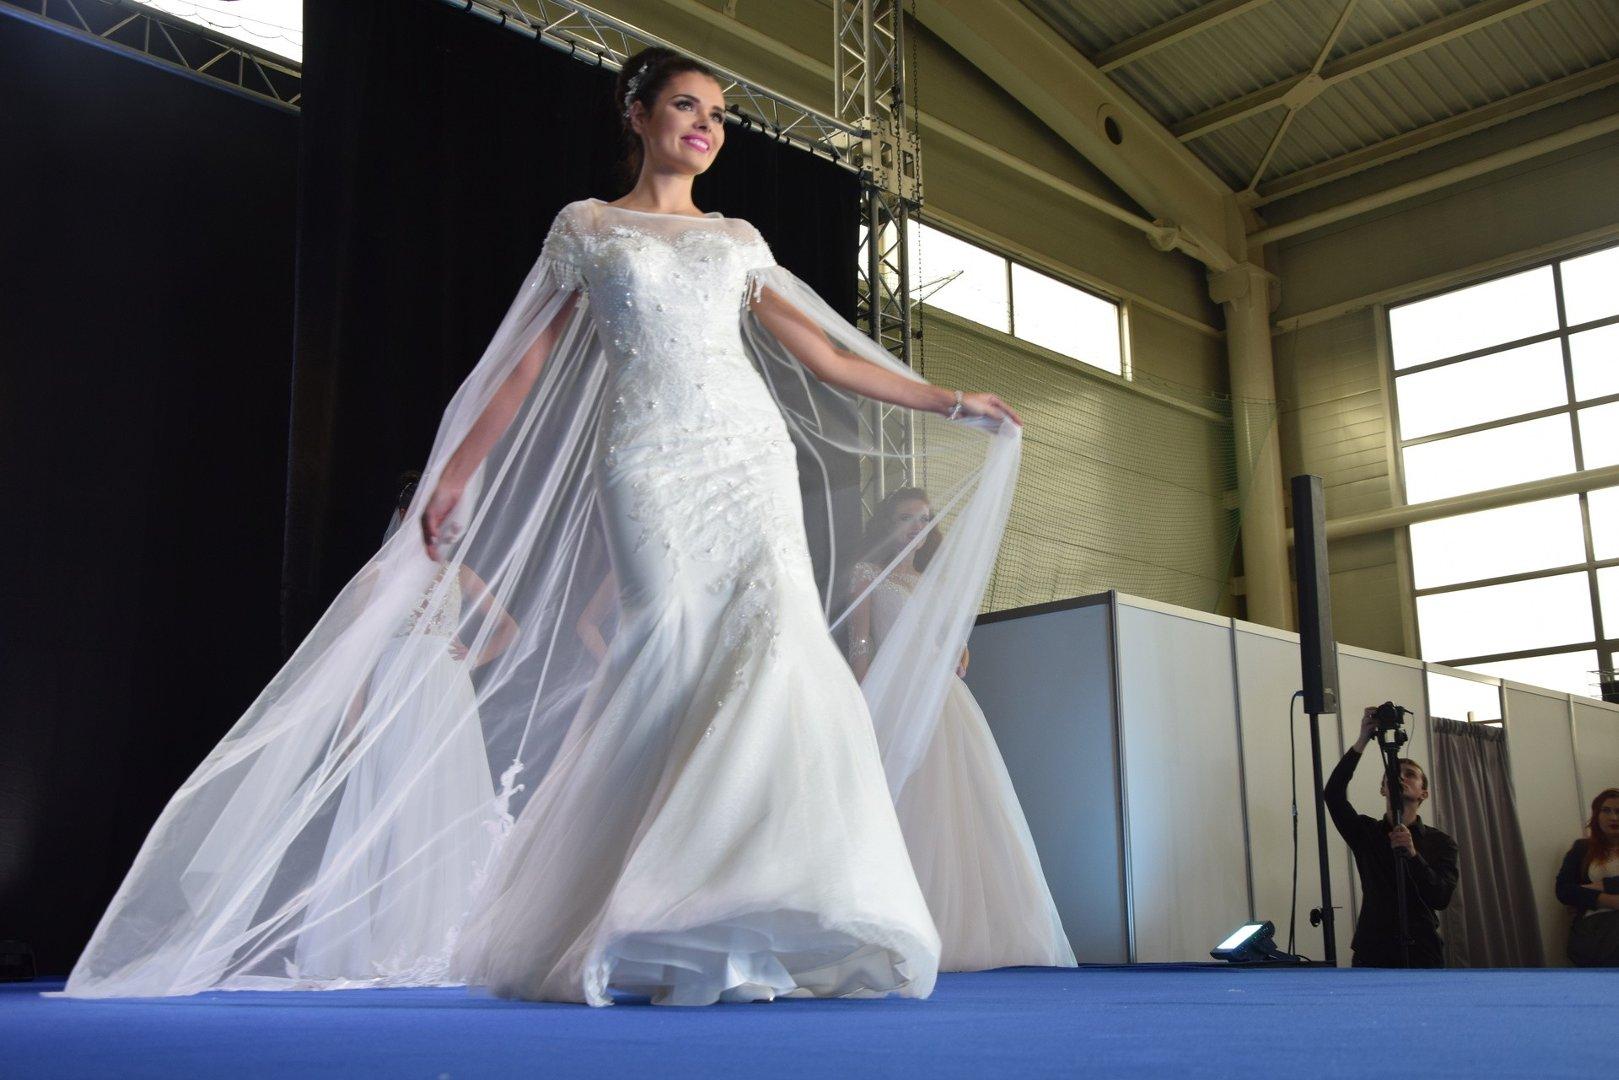 ece6e35a89 Targi Ślubne w Rybniku  Zobacz modne suknie ślubne na 2018 rok  ZDJĘCIA